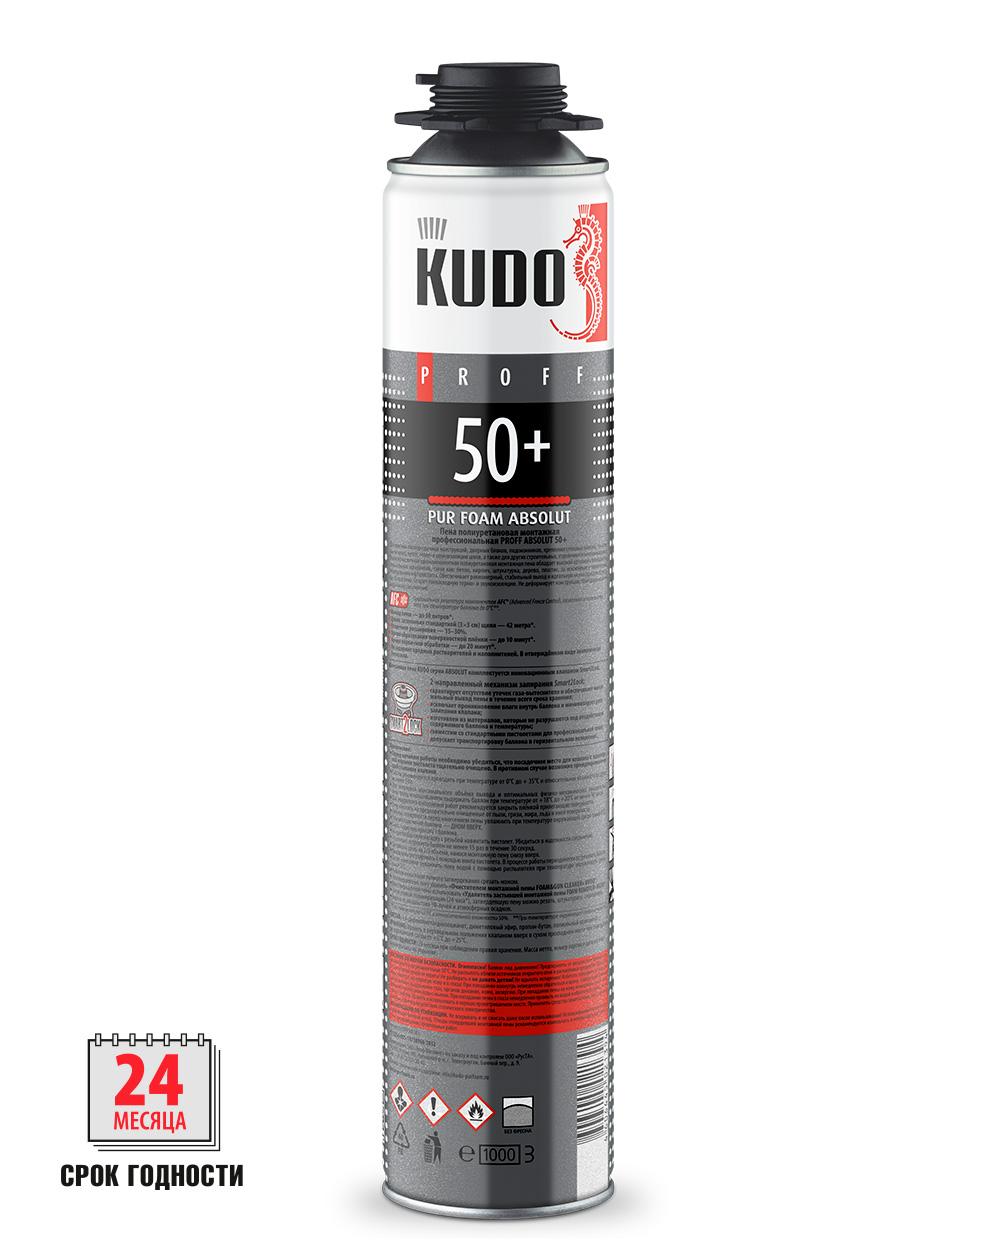 KUDO proff 50+